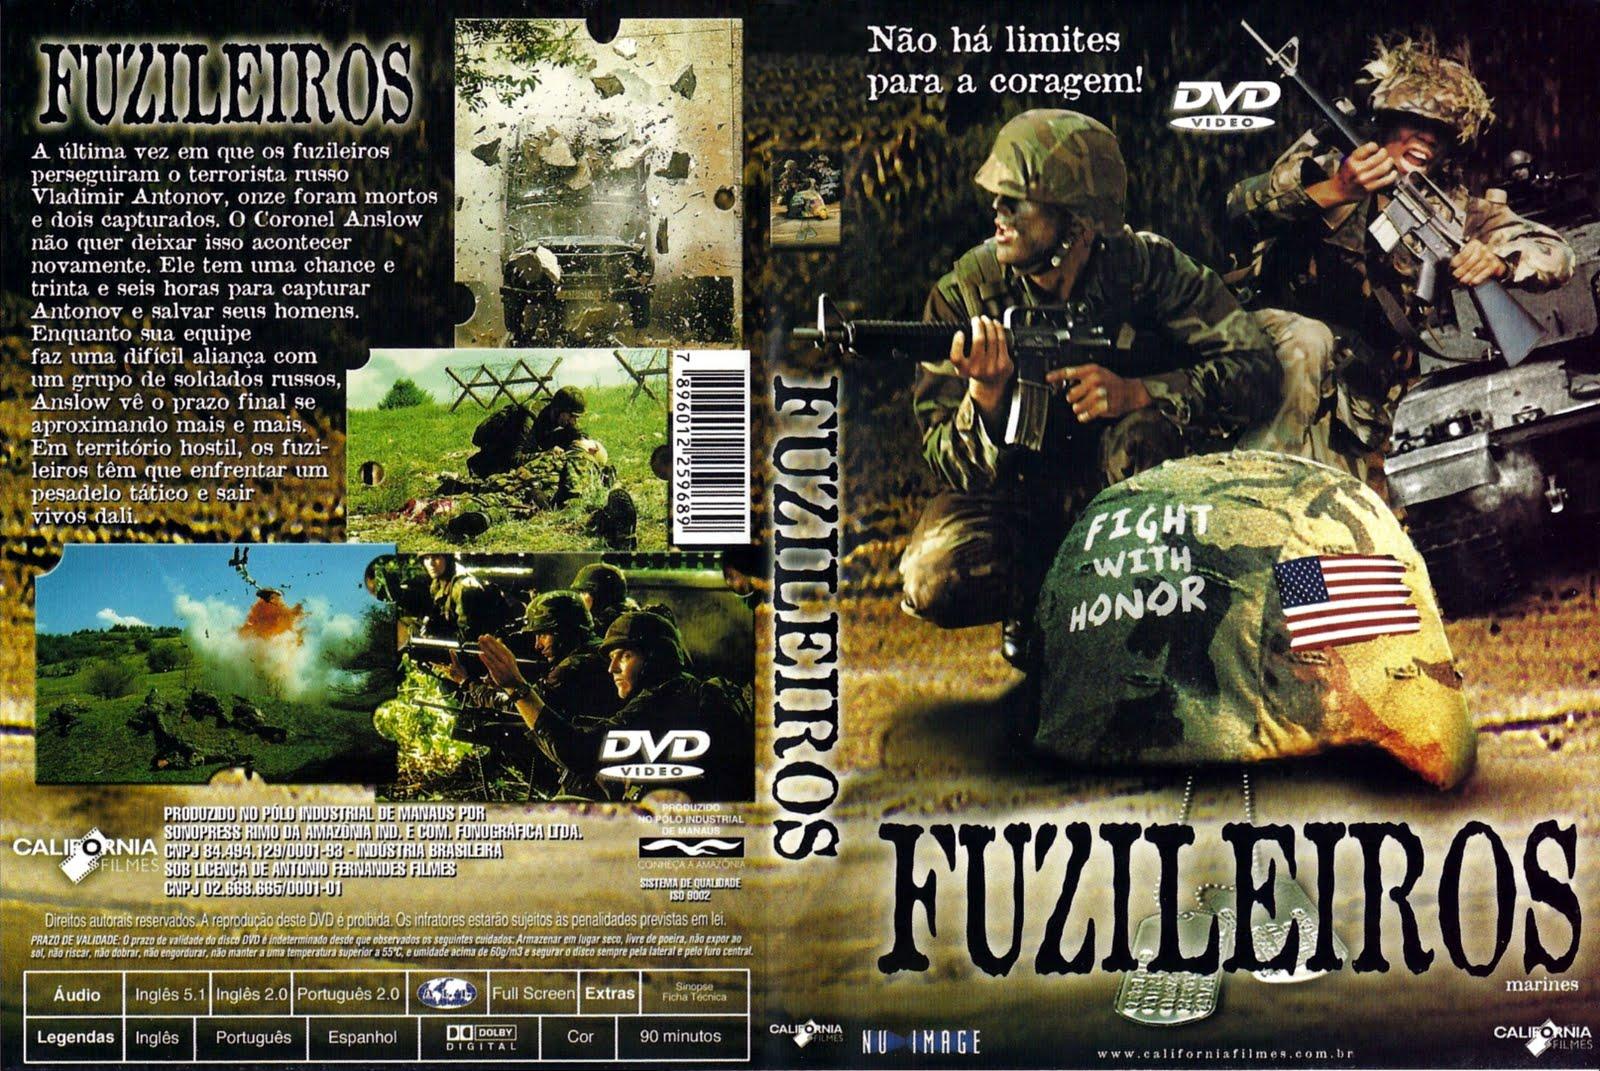 Filmes Russos regarding fuzileiros - capas covers - capas de filmes grátis